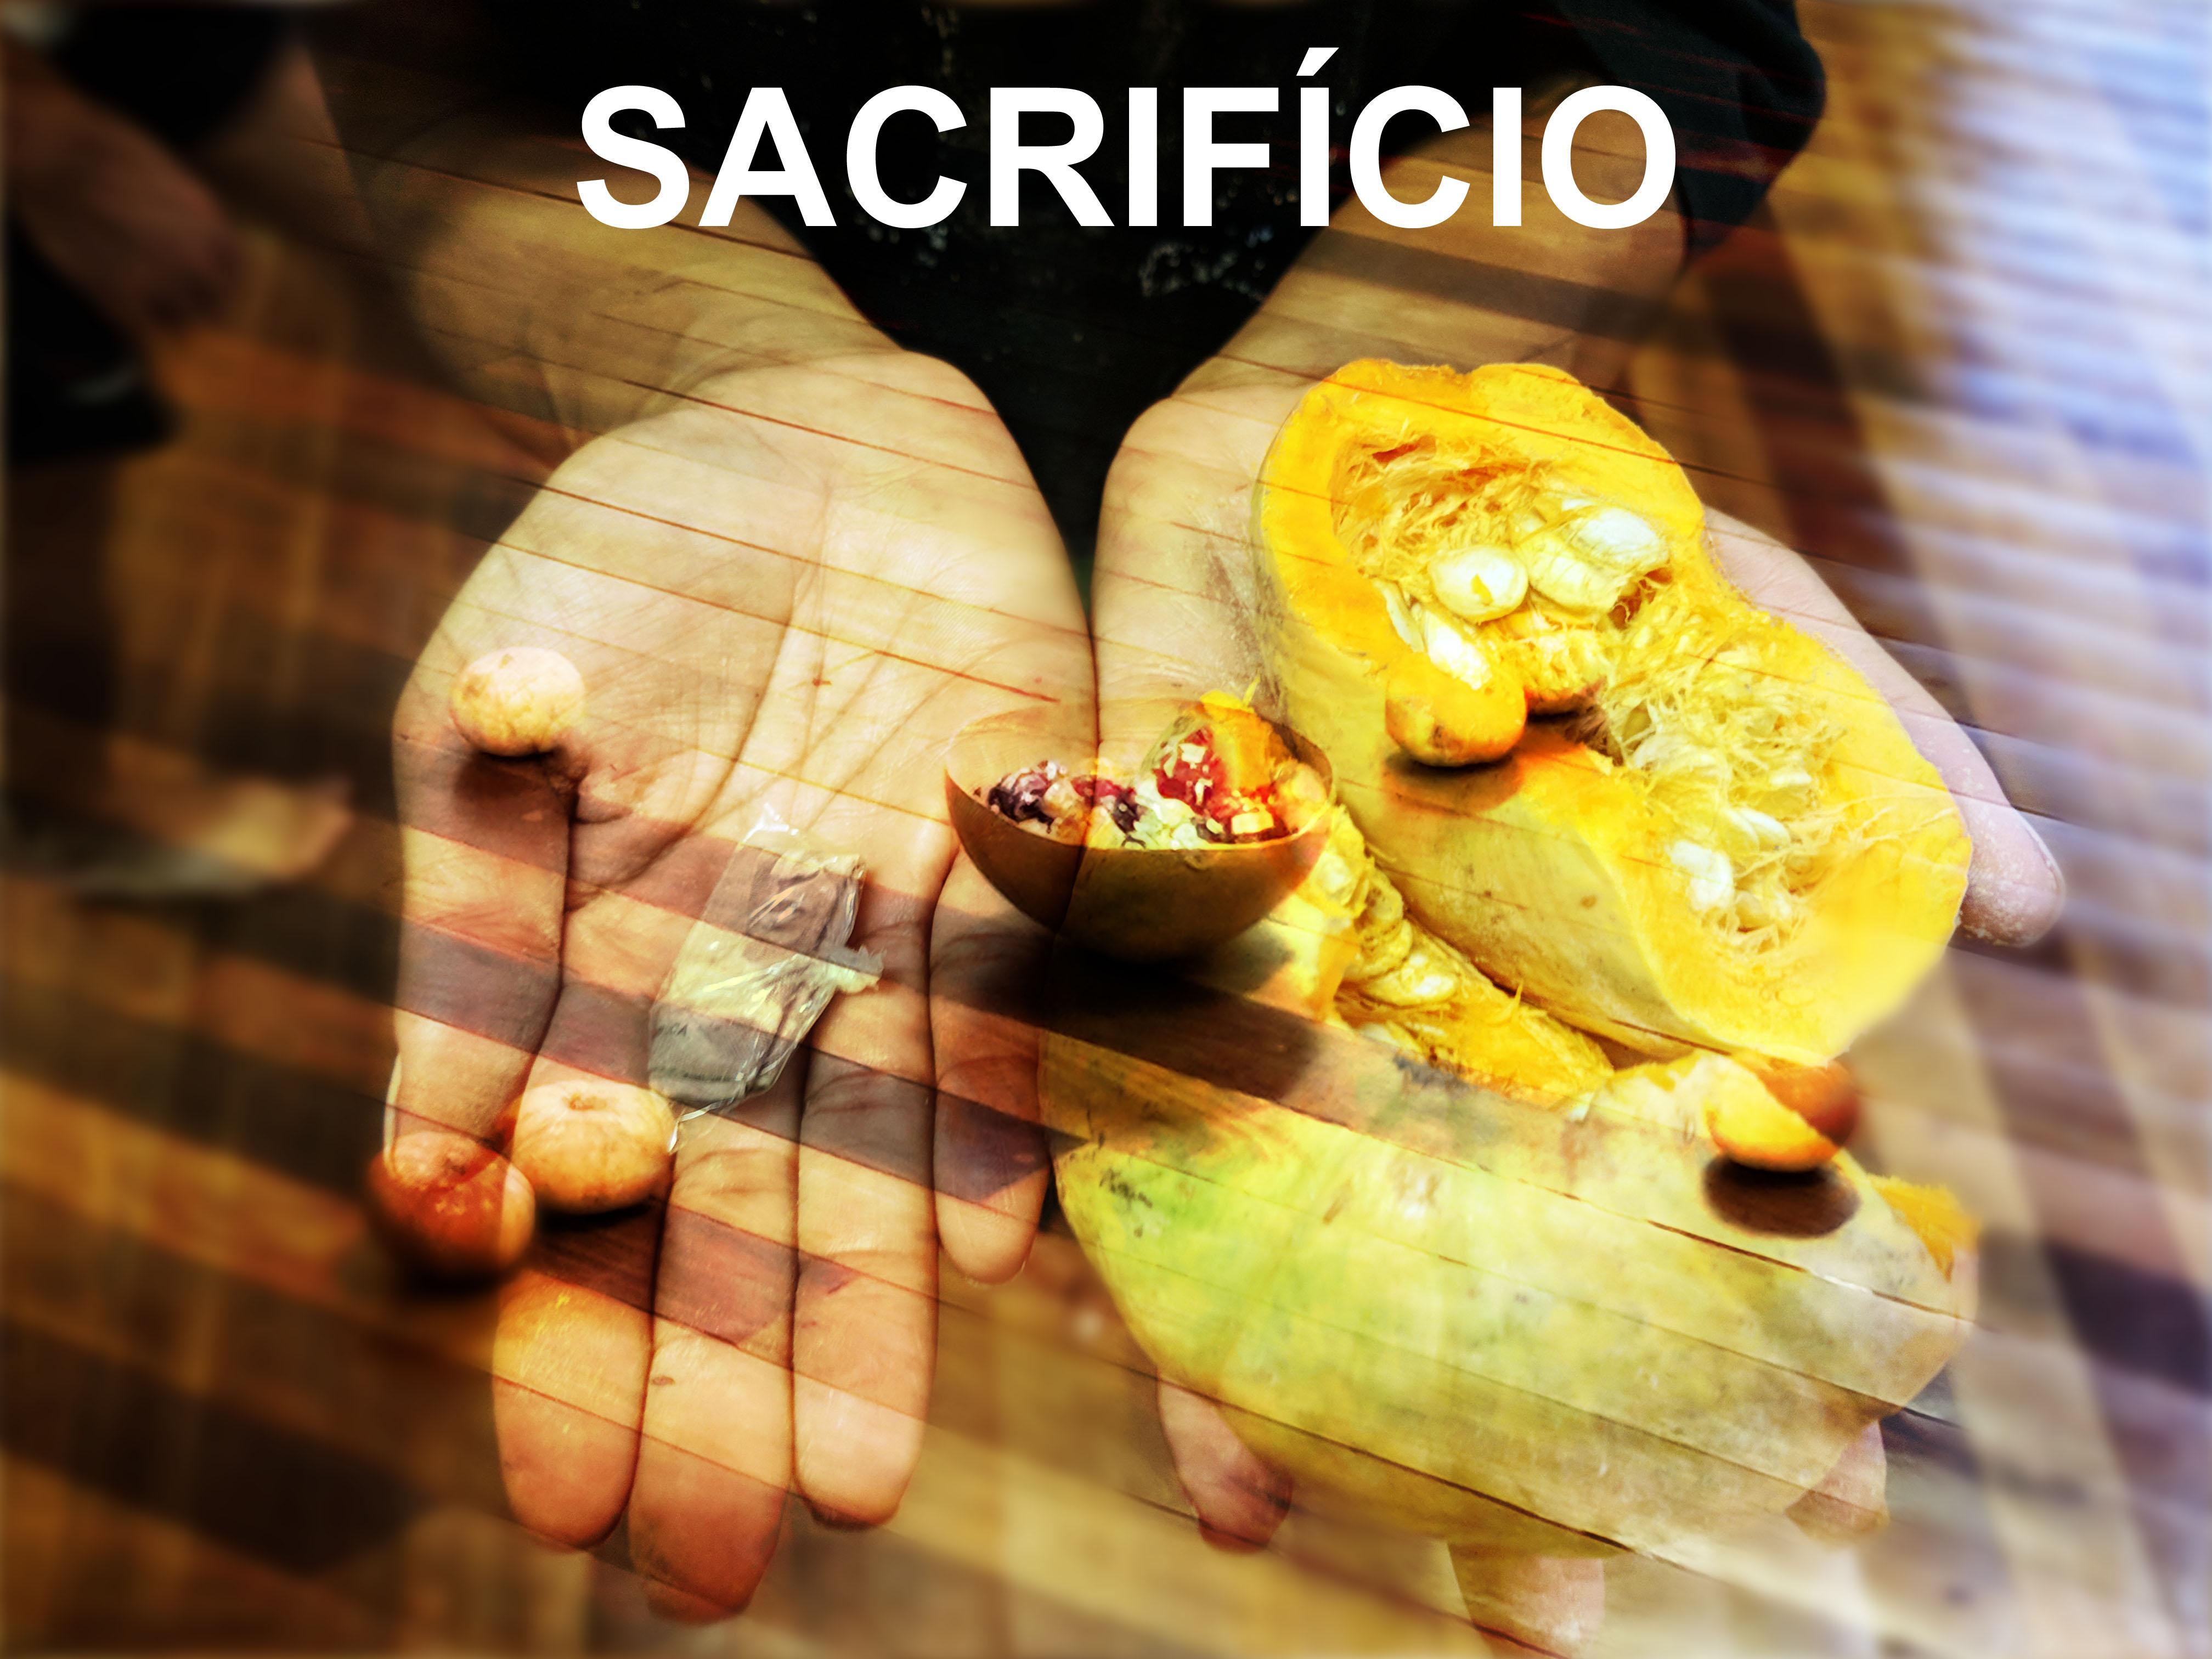 Dia 3 - Sacrificio